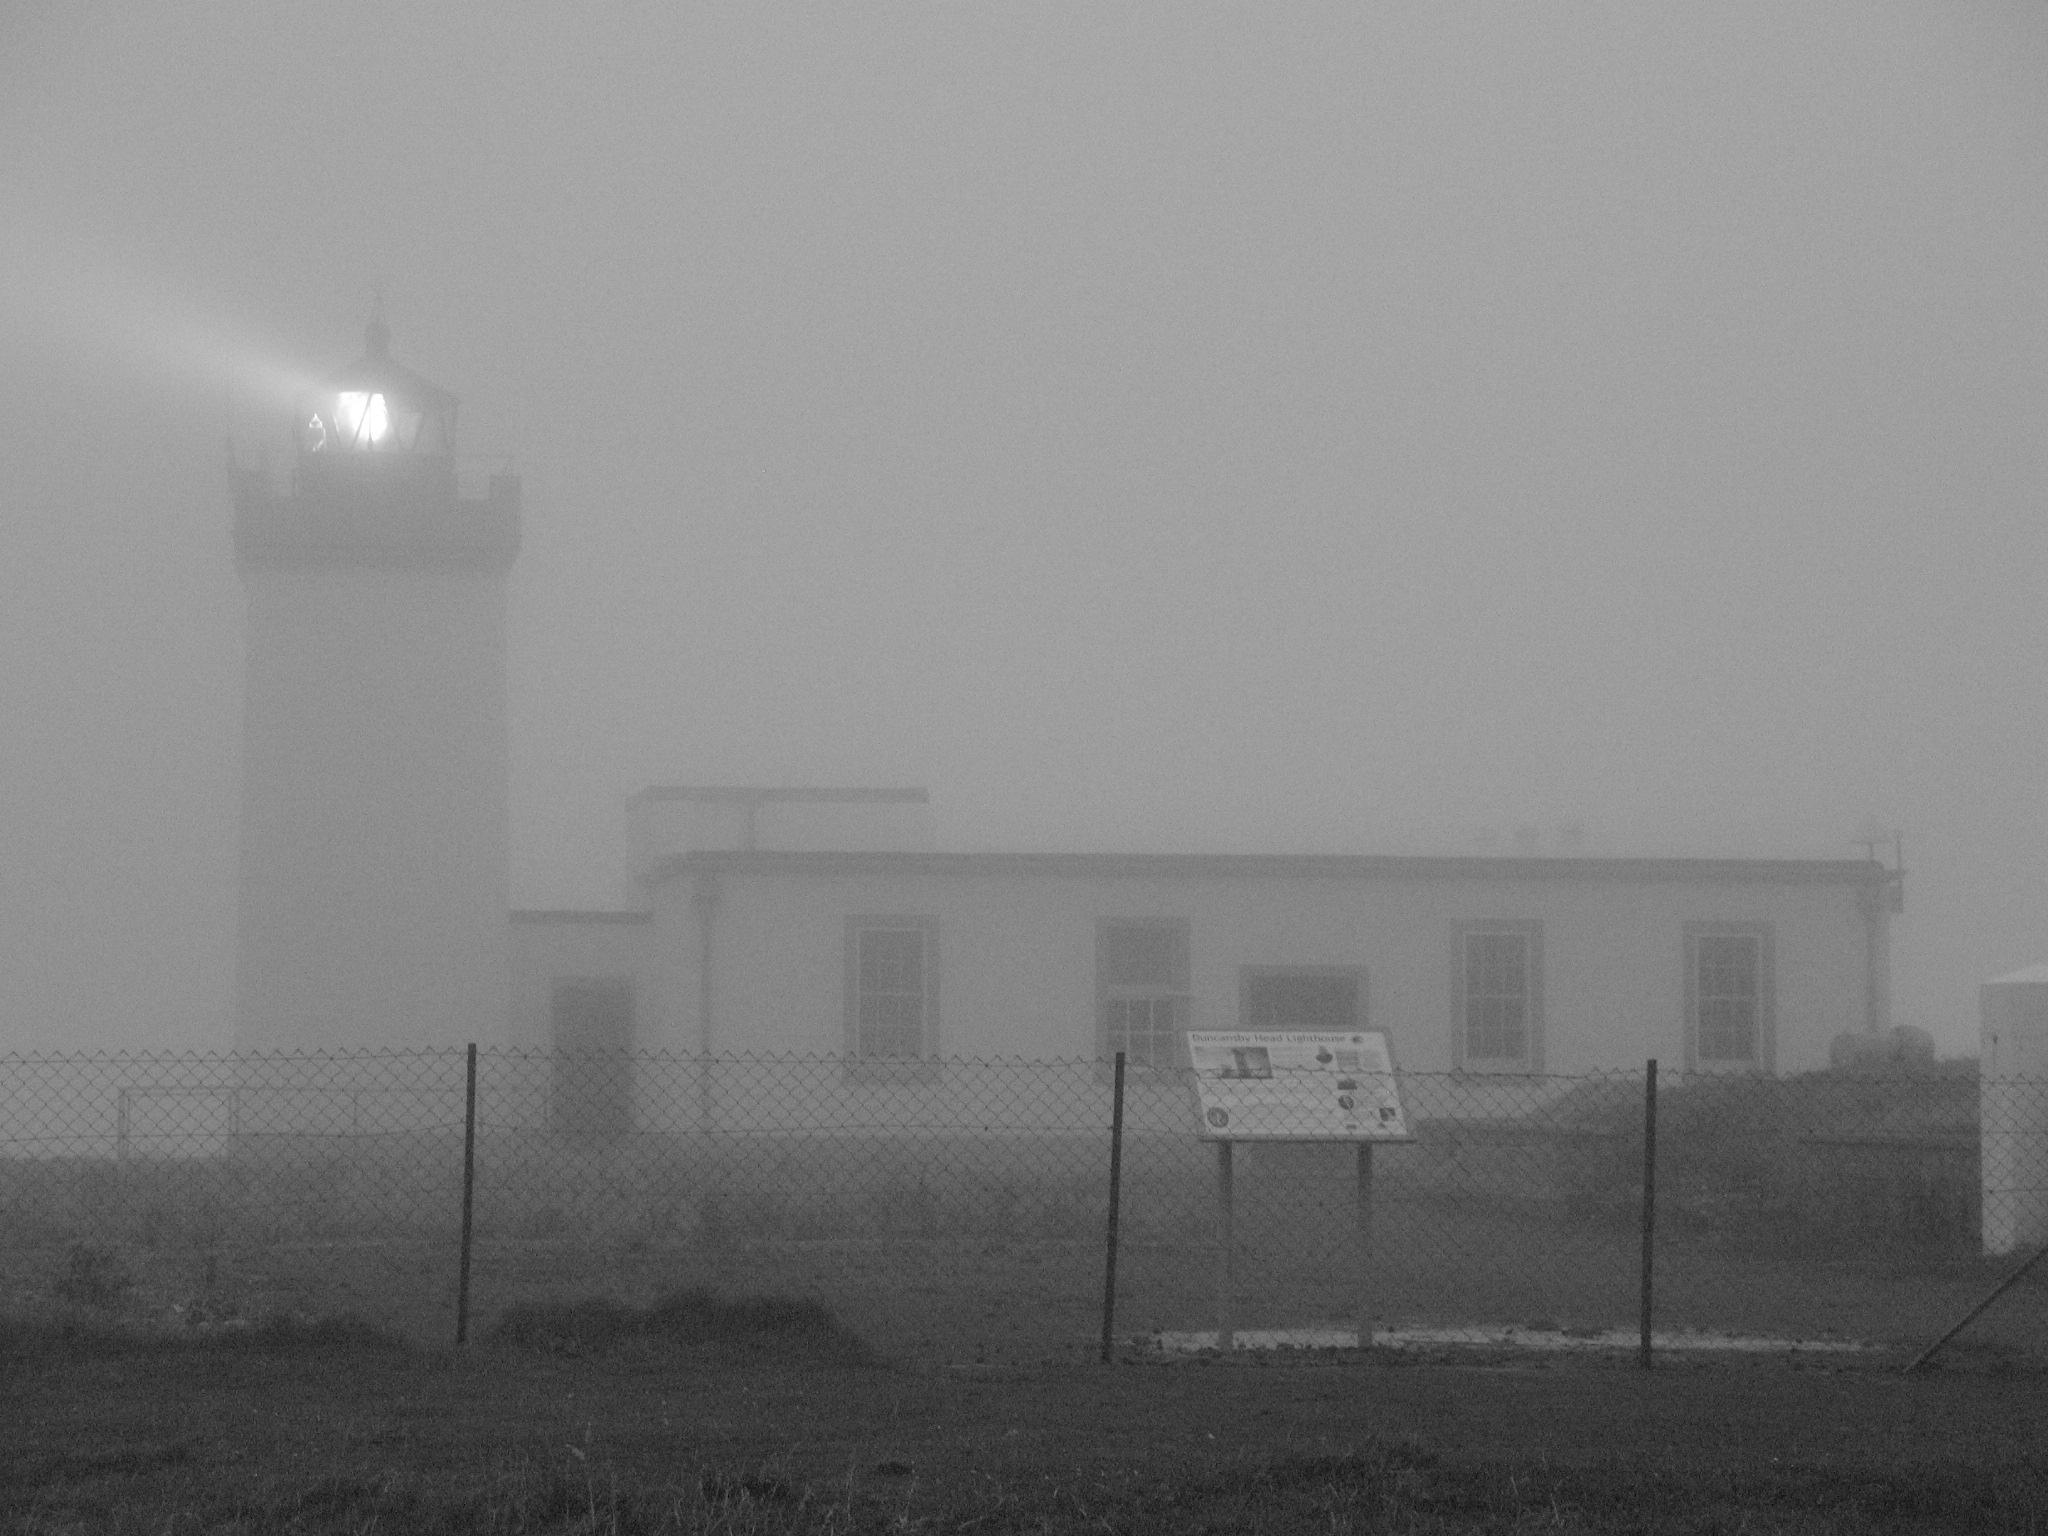 File:John o'Groats lighthouse fog 1.jpeg - Wikimedia Commons